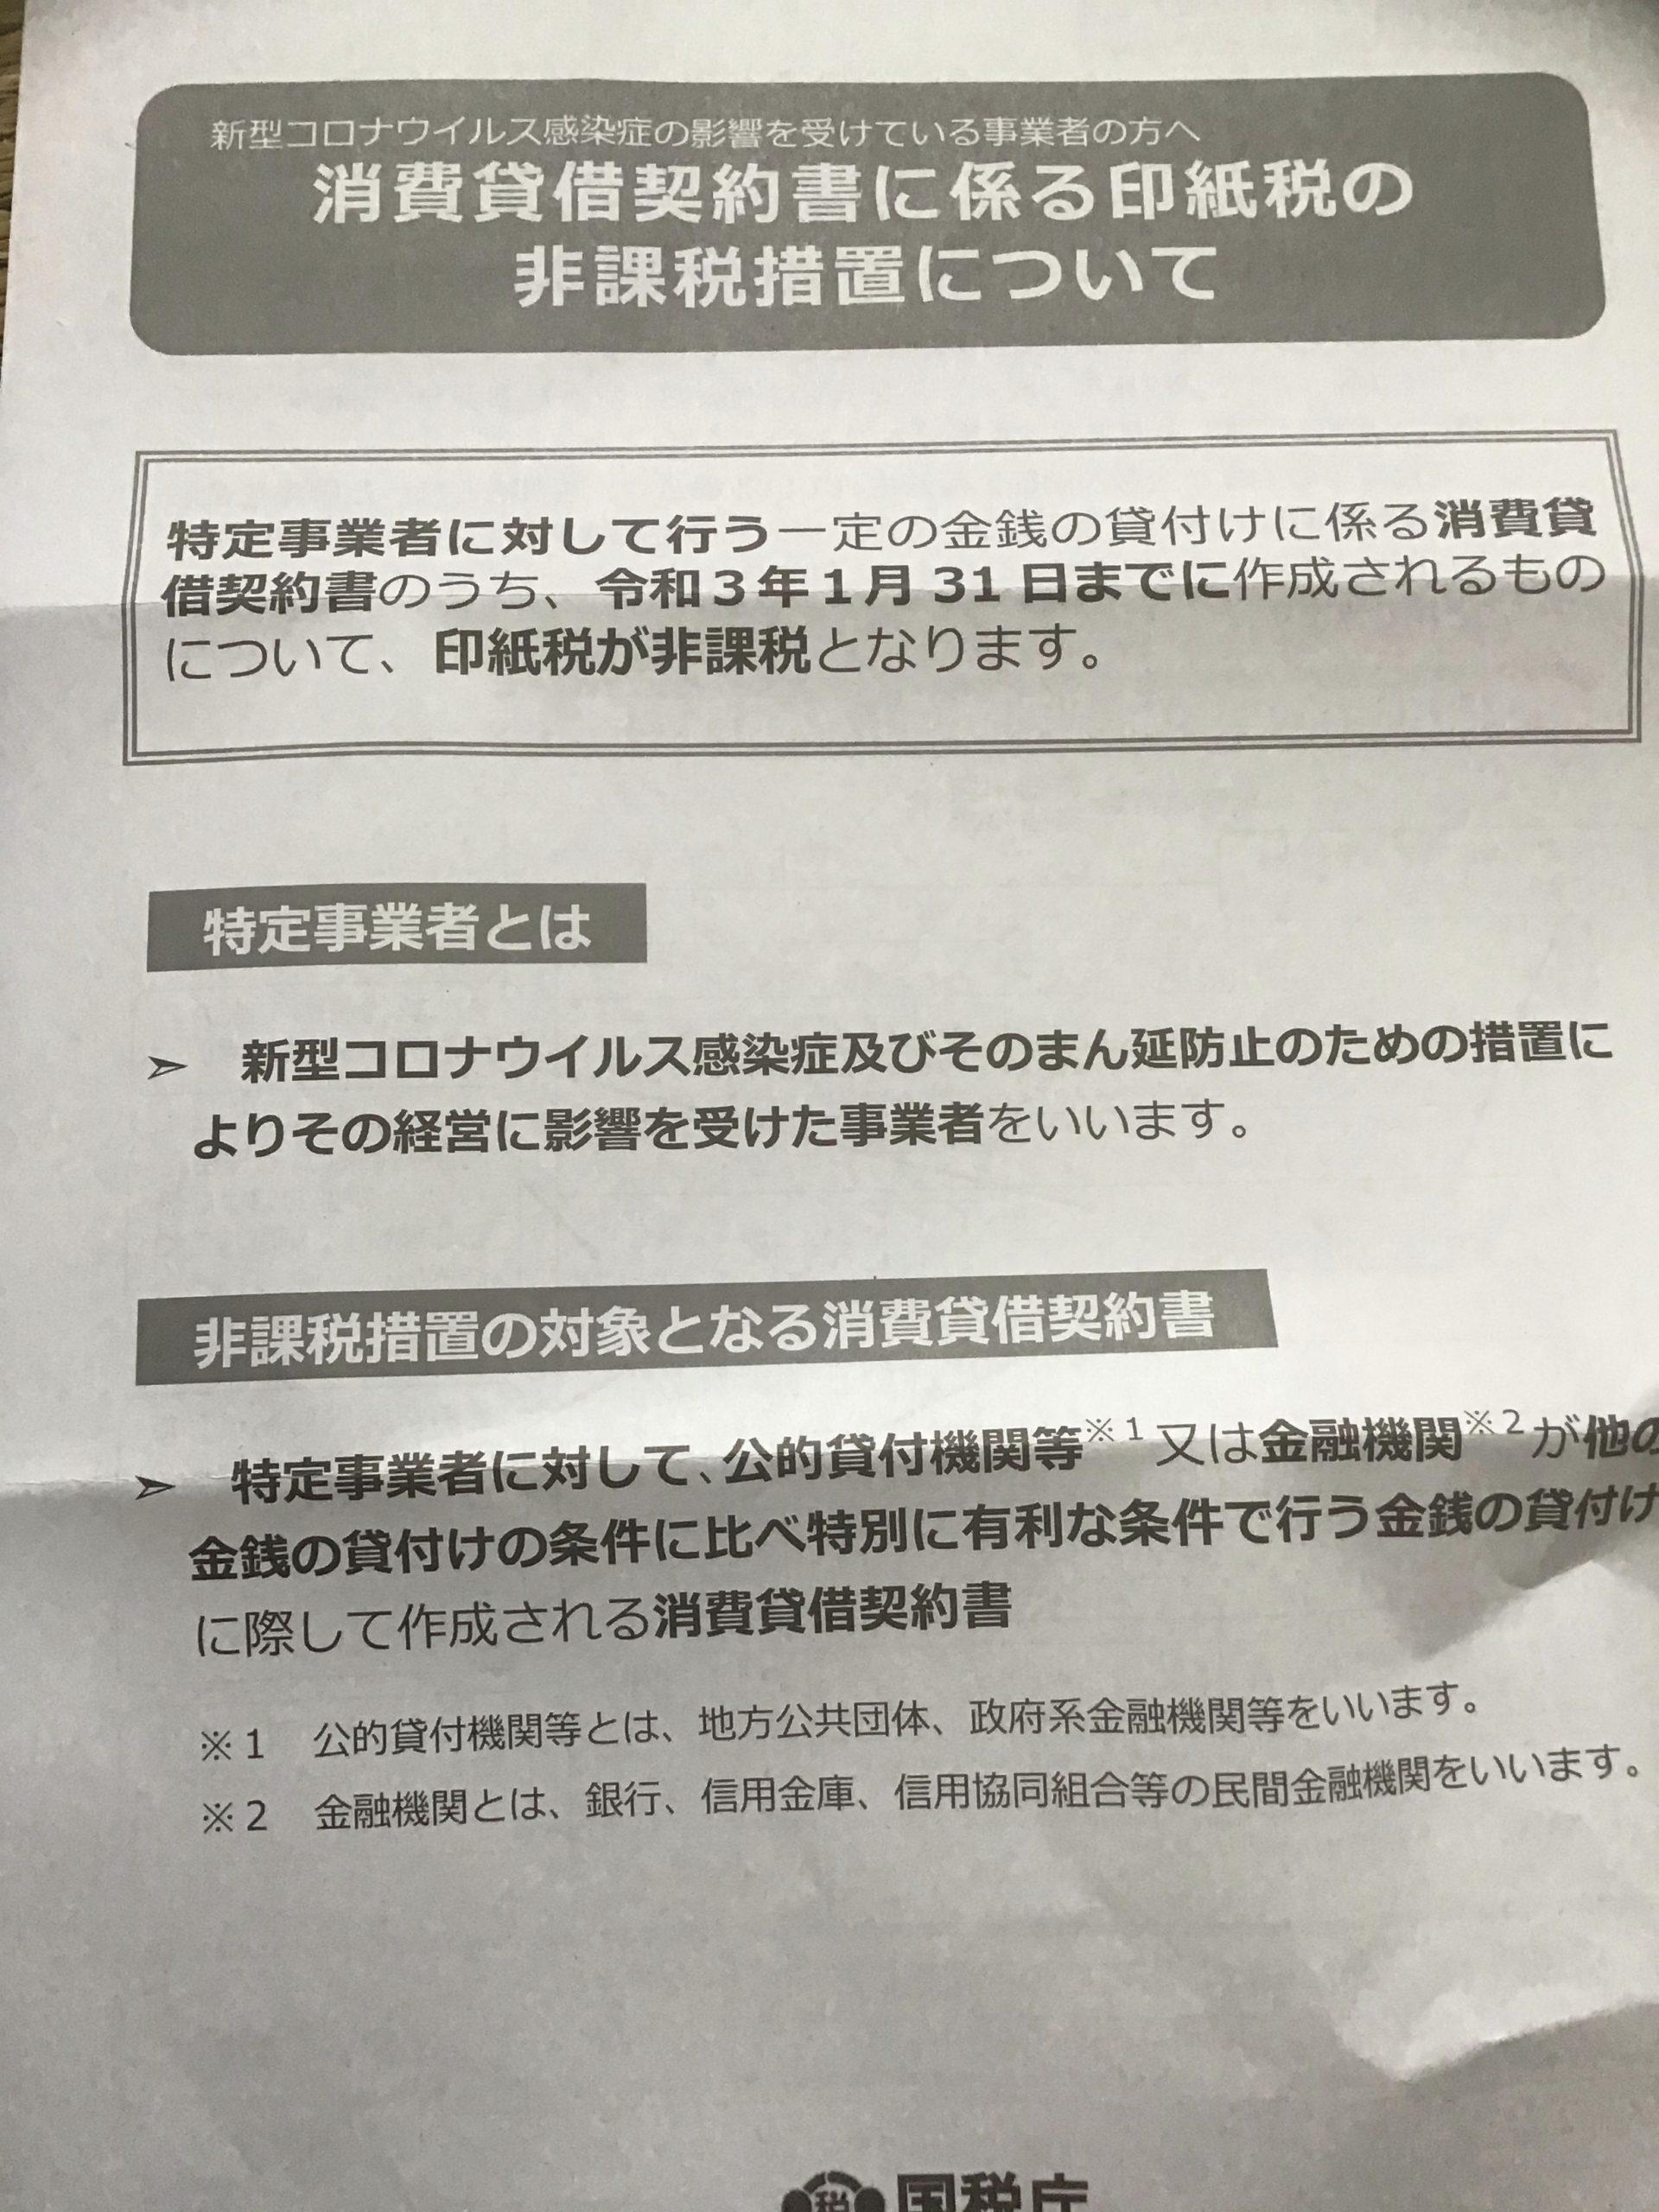 国の印紙税過誤納確認申請書